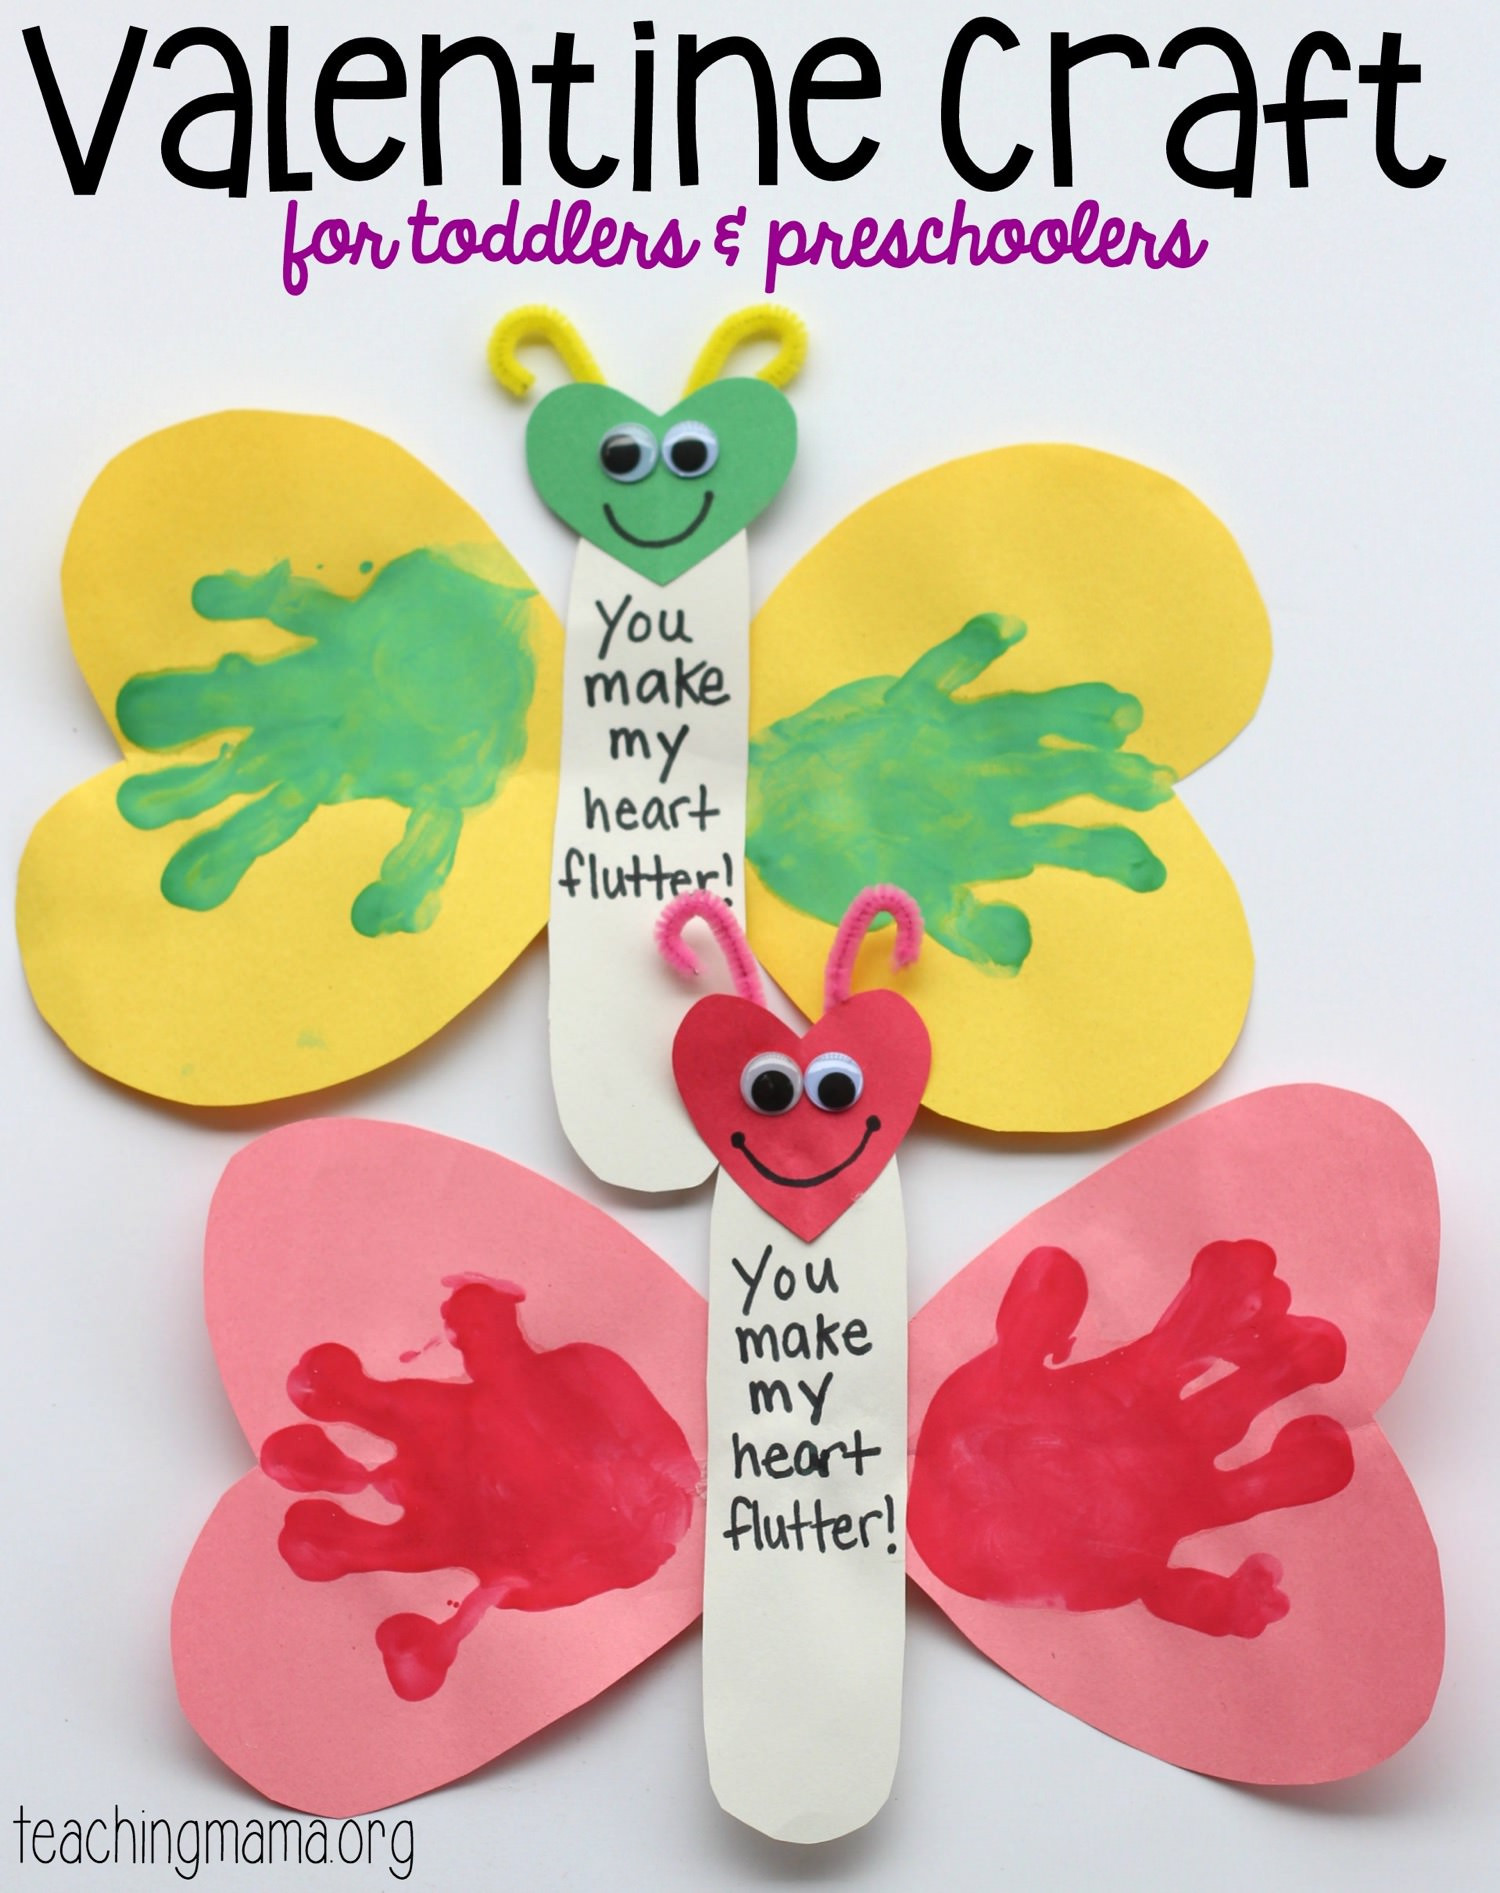 Valentine Craft Preschoolers  You Make My Heart Flutter Valentine Craft